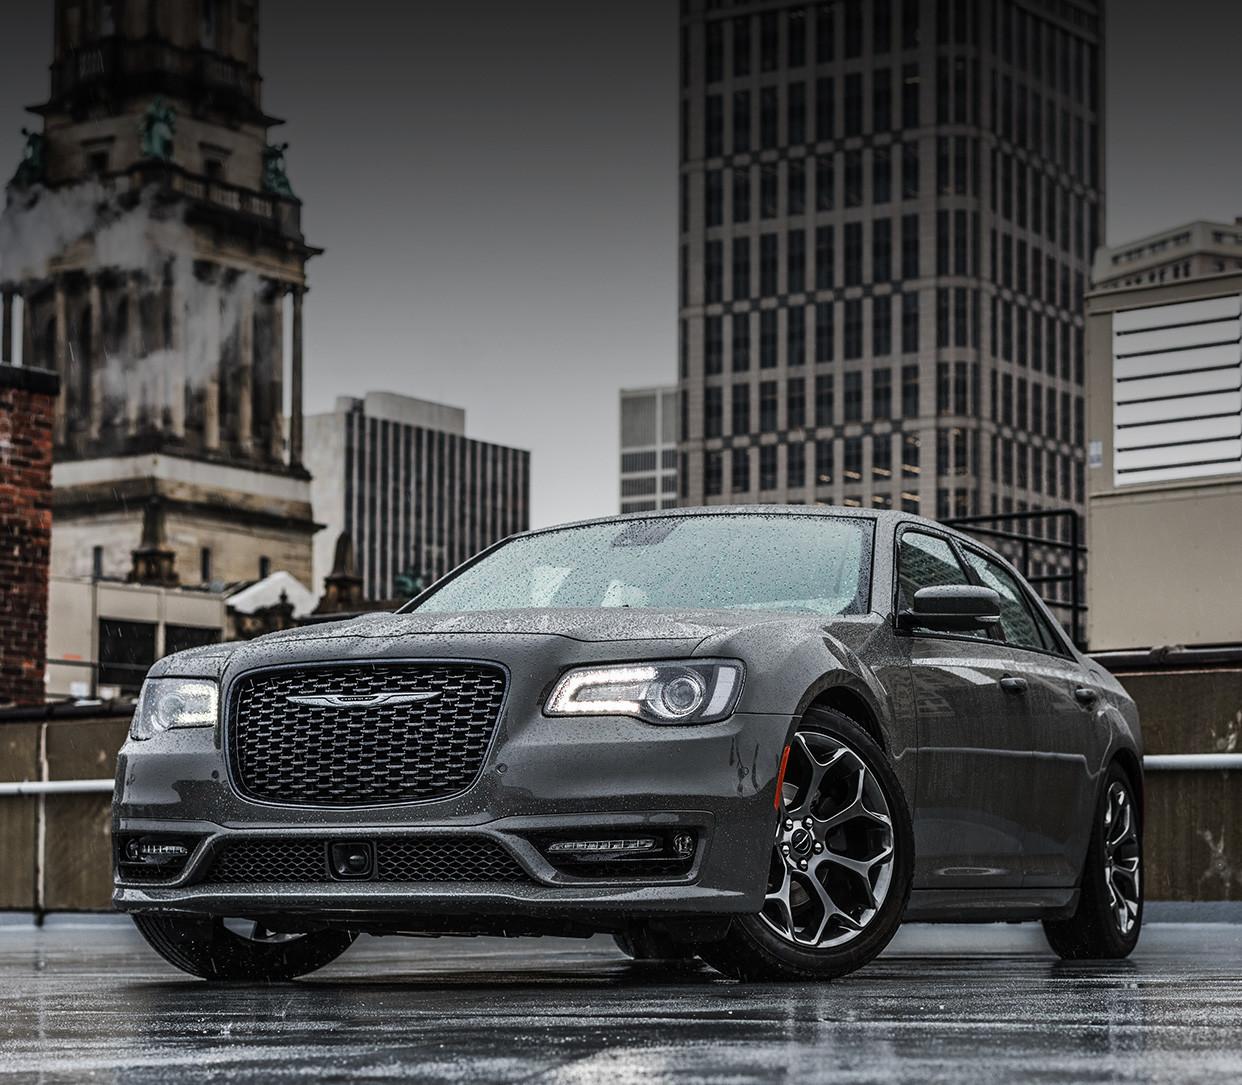 2021 Chrysler 300 Srt8 Performance